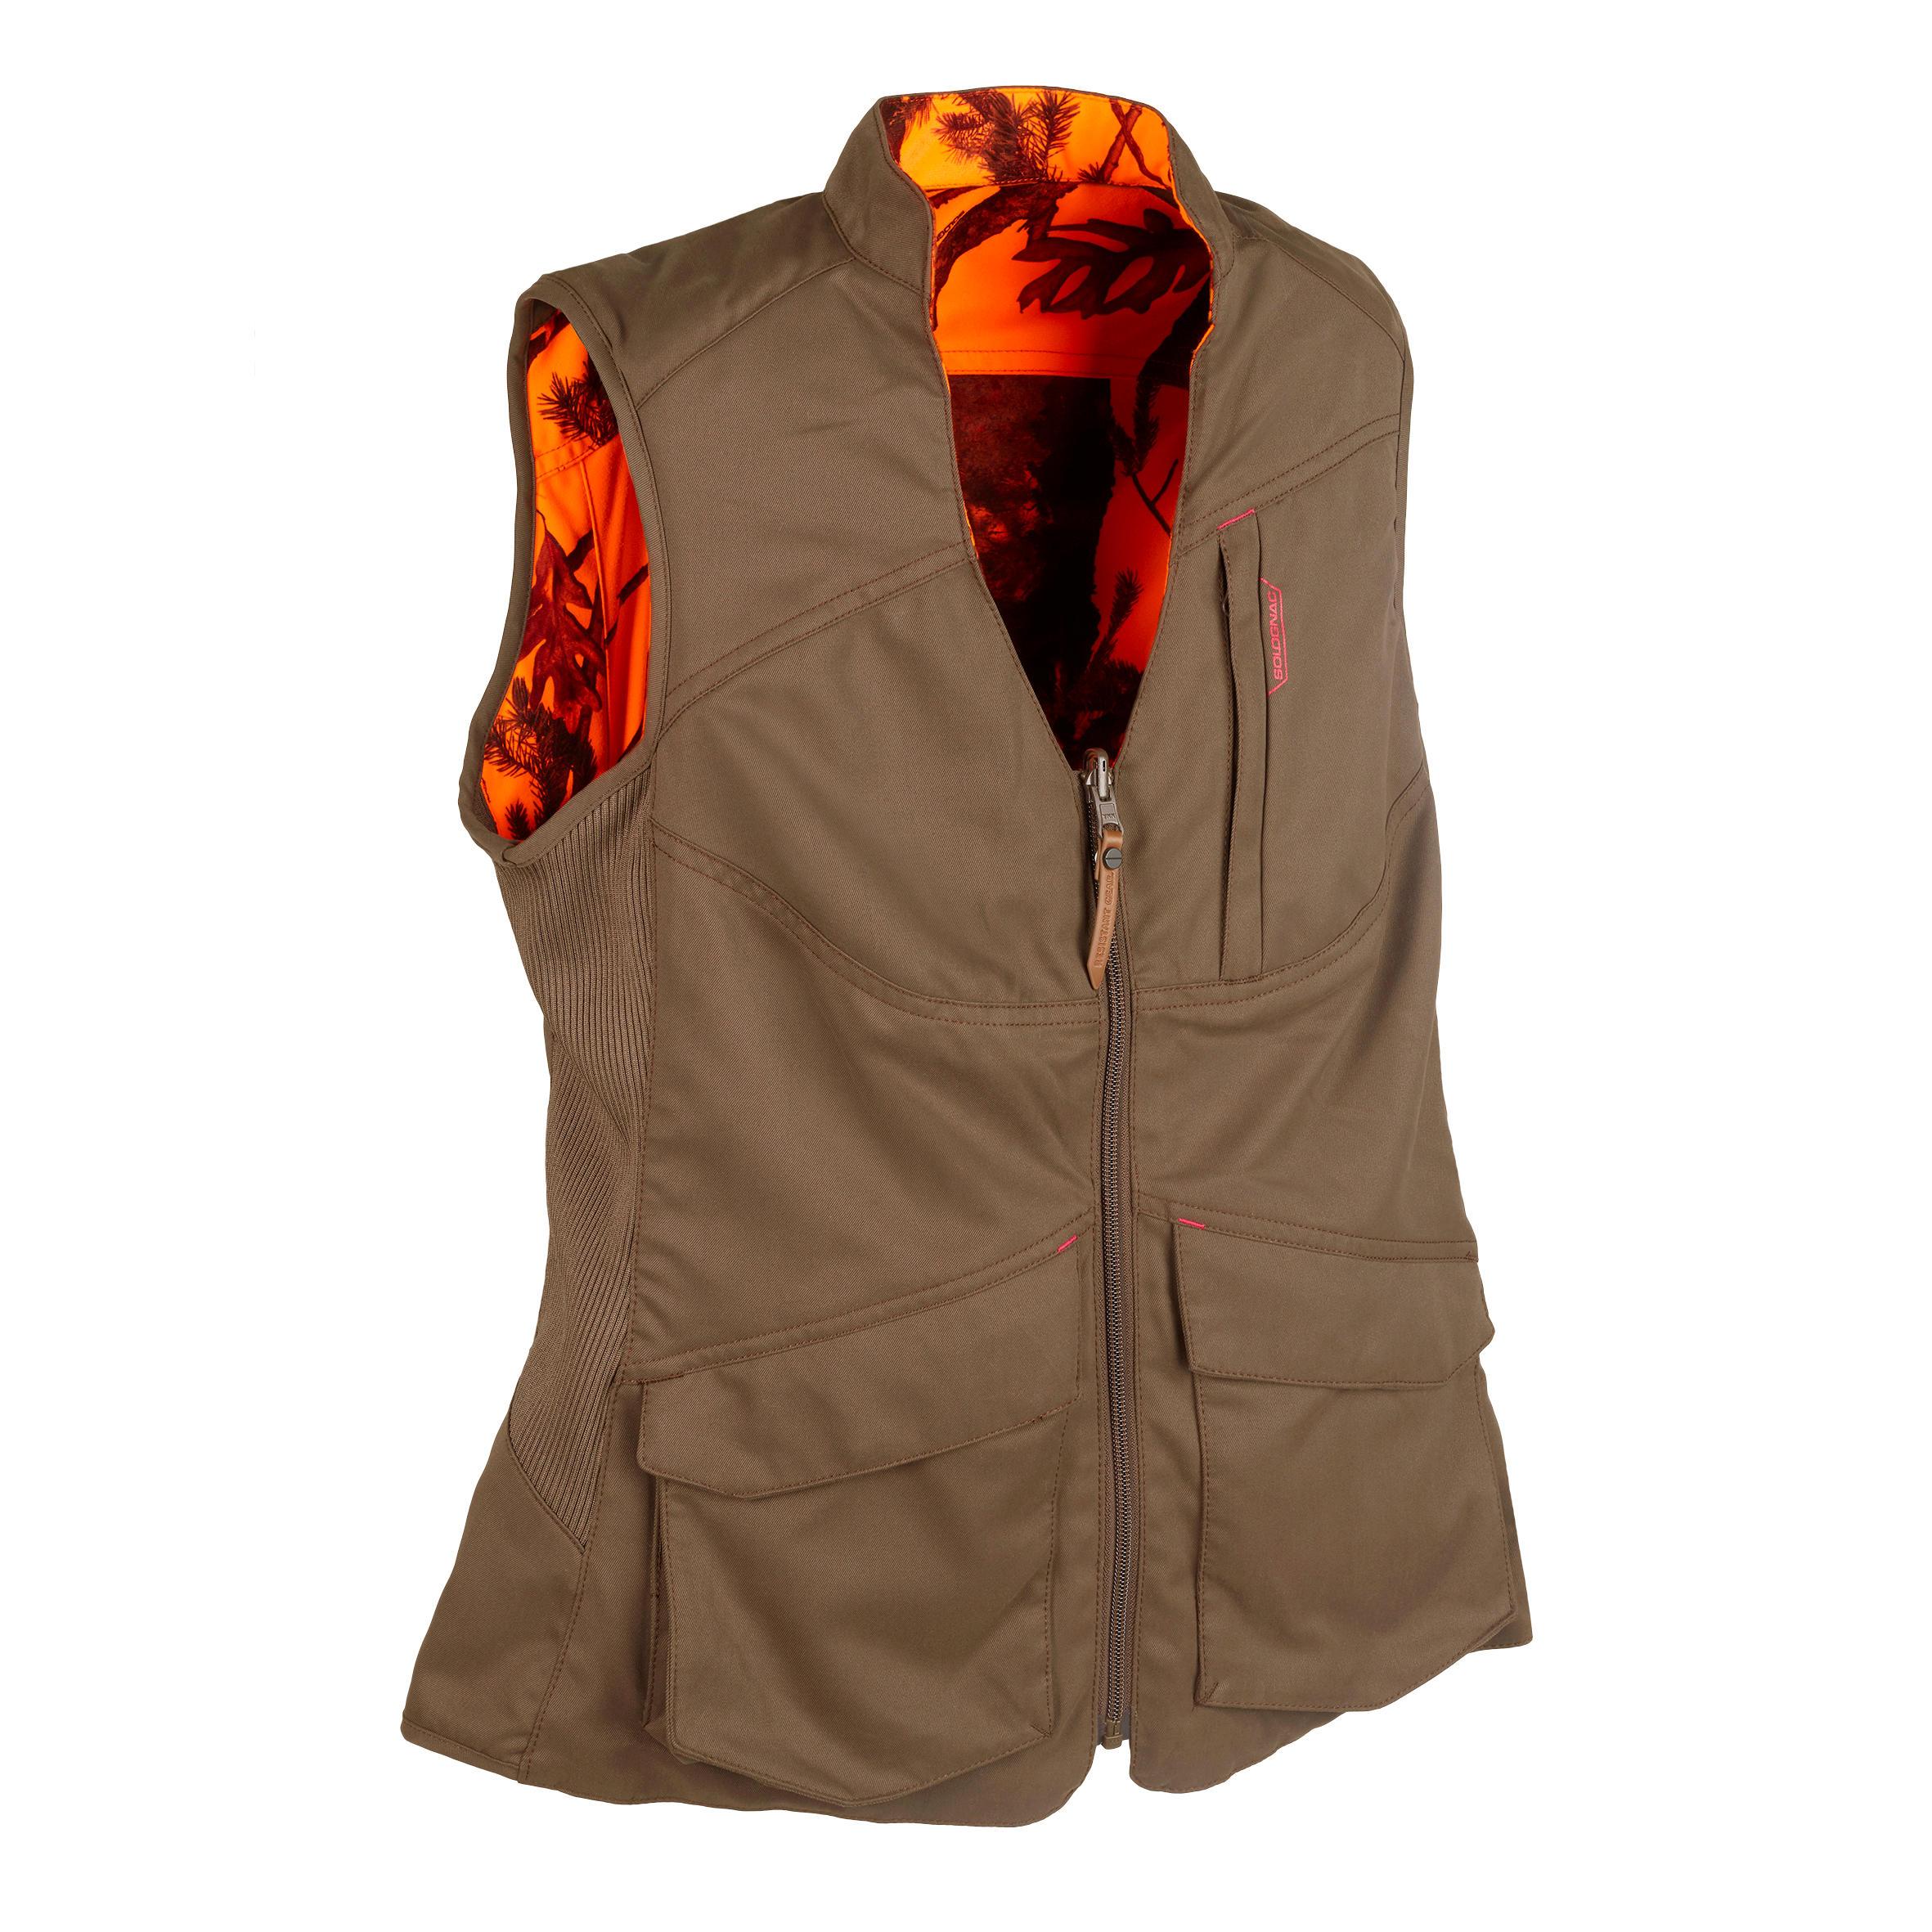 Solognac Omkeerbaar jagersvest 500 voor dames bruin / fluocamouflage